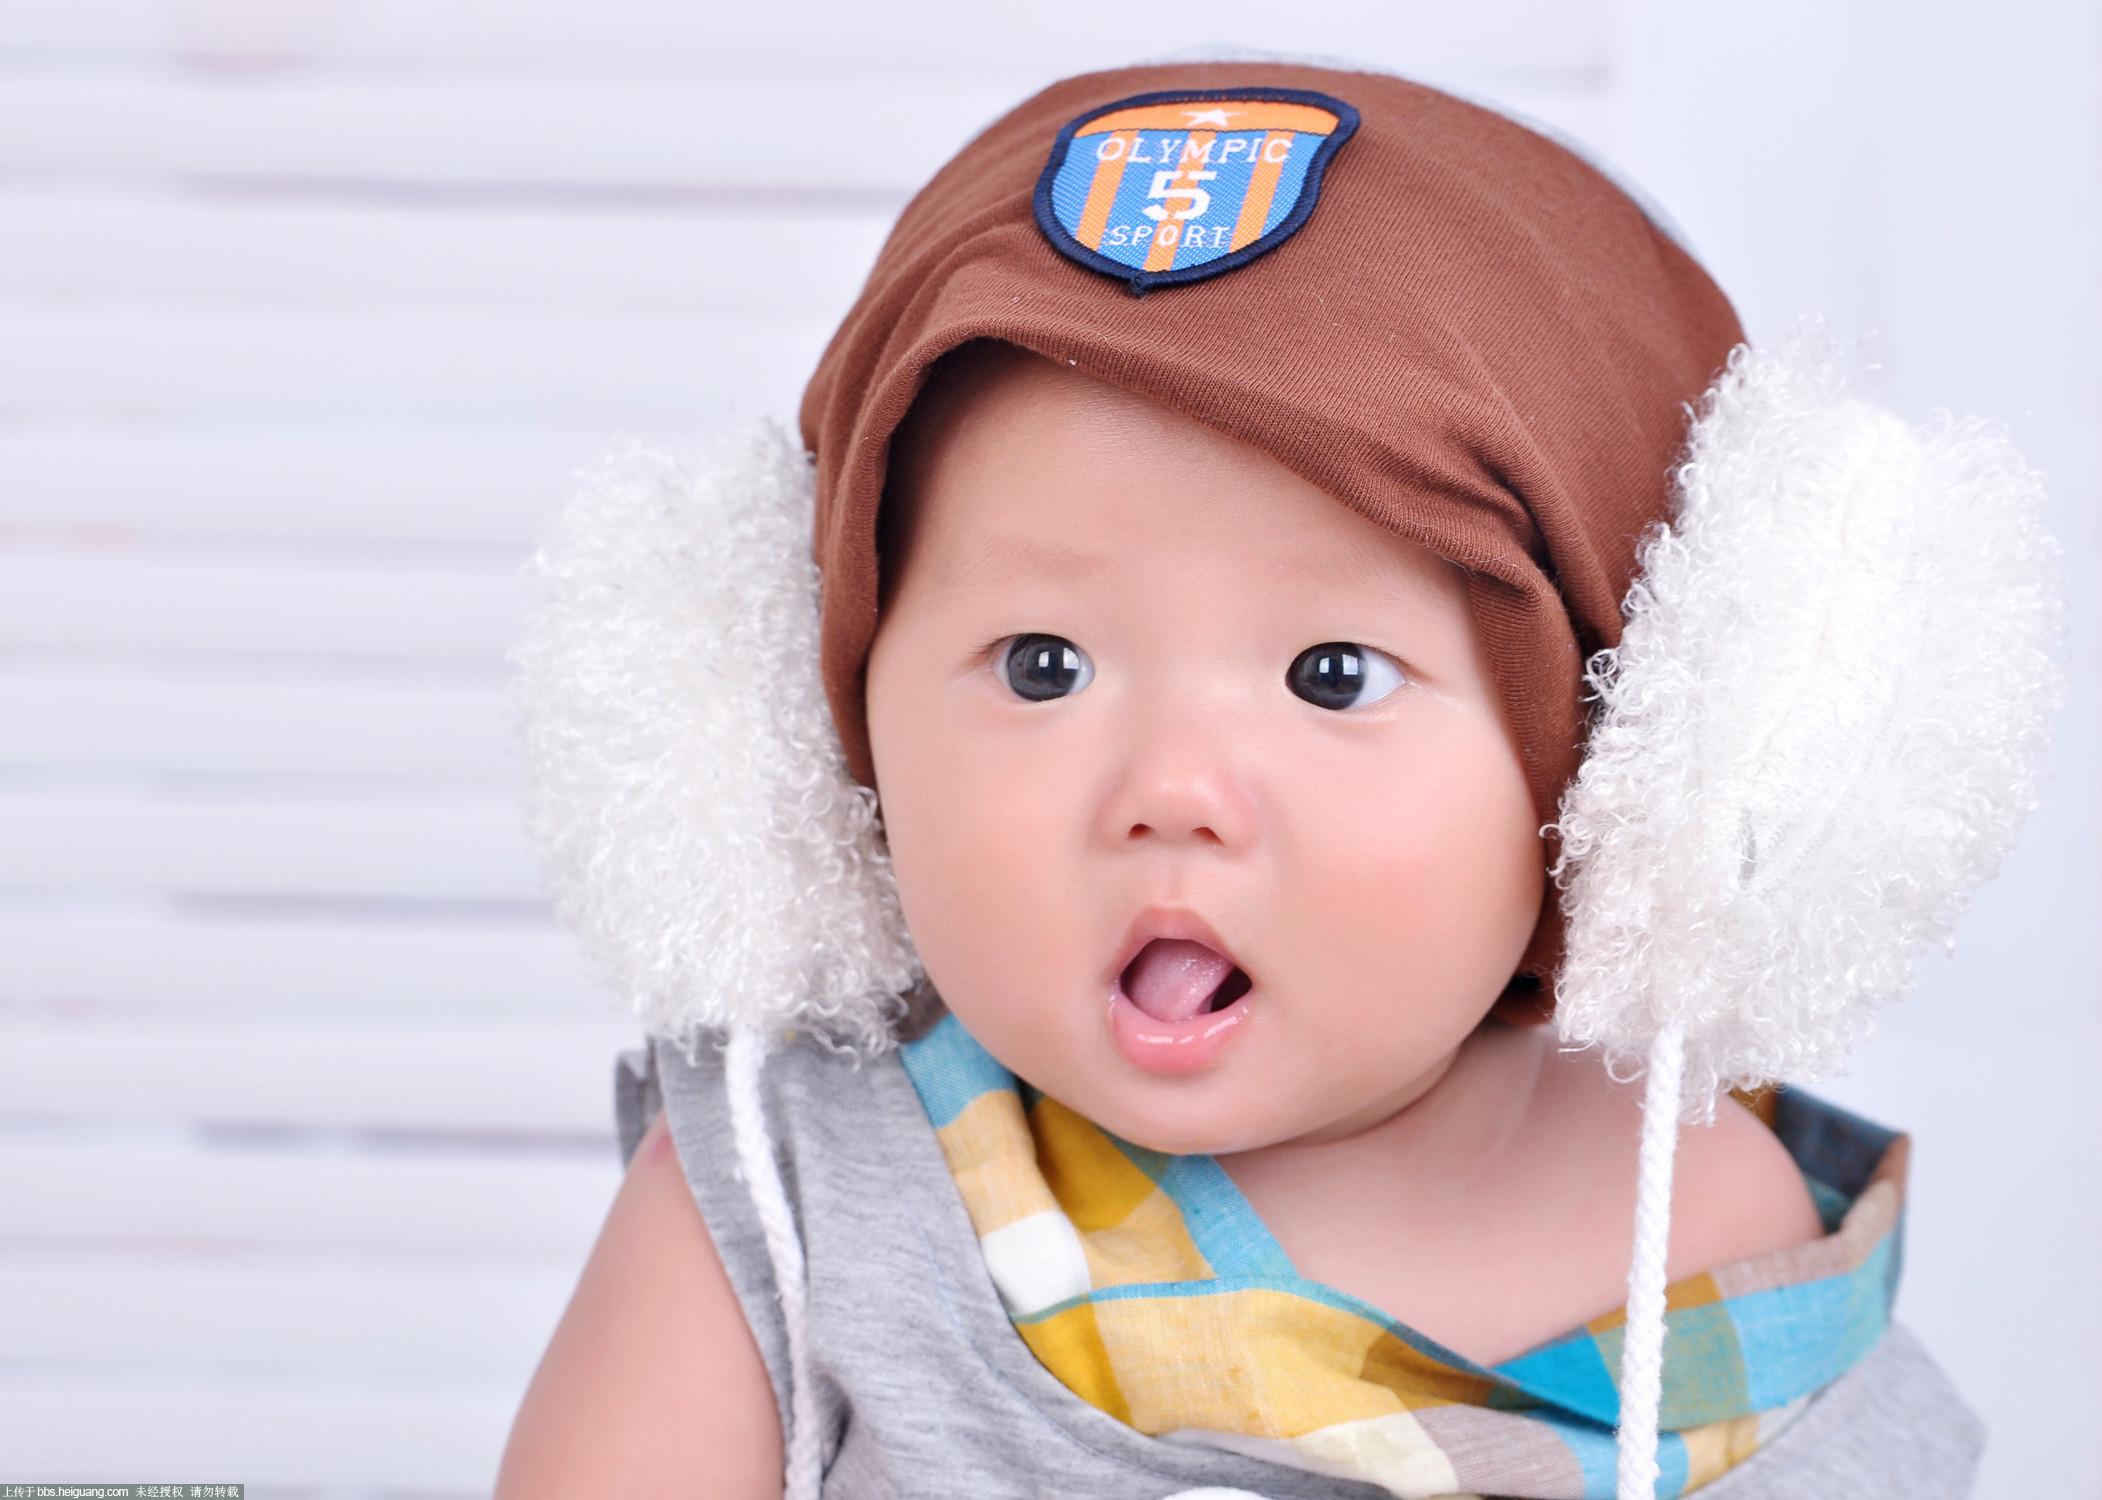 大眼睛宝宝_儿童摄影作品